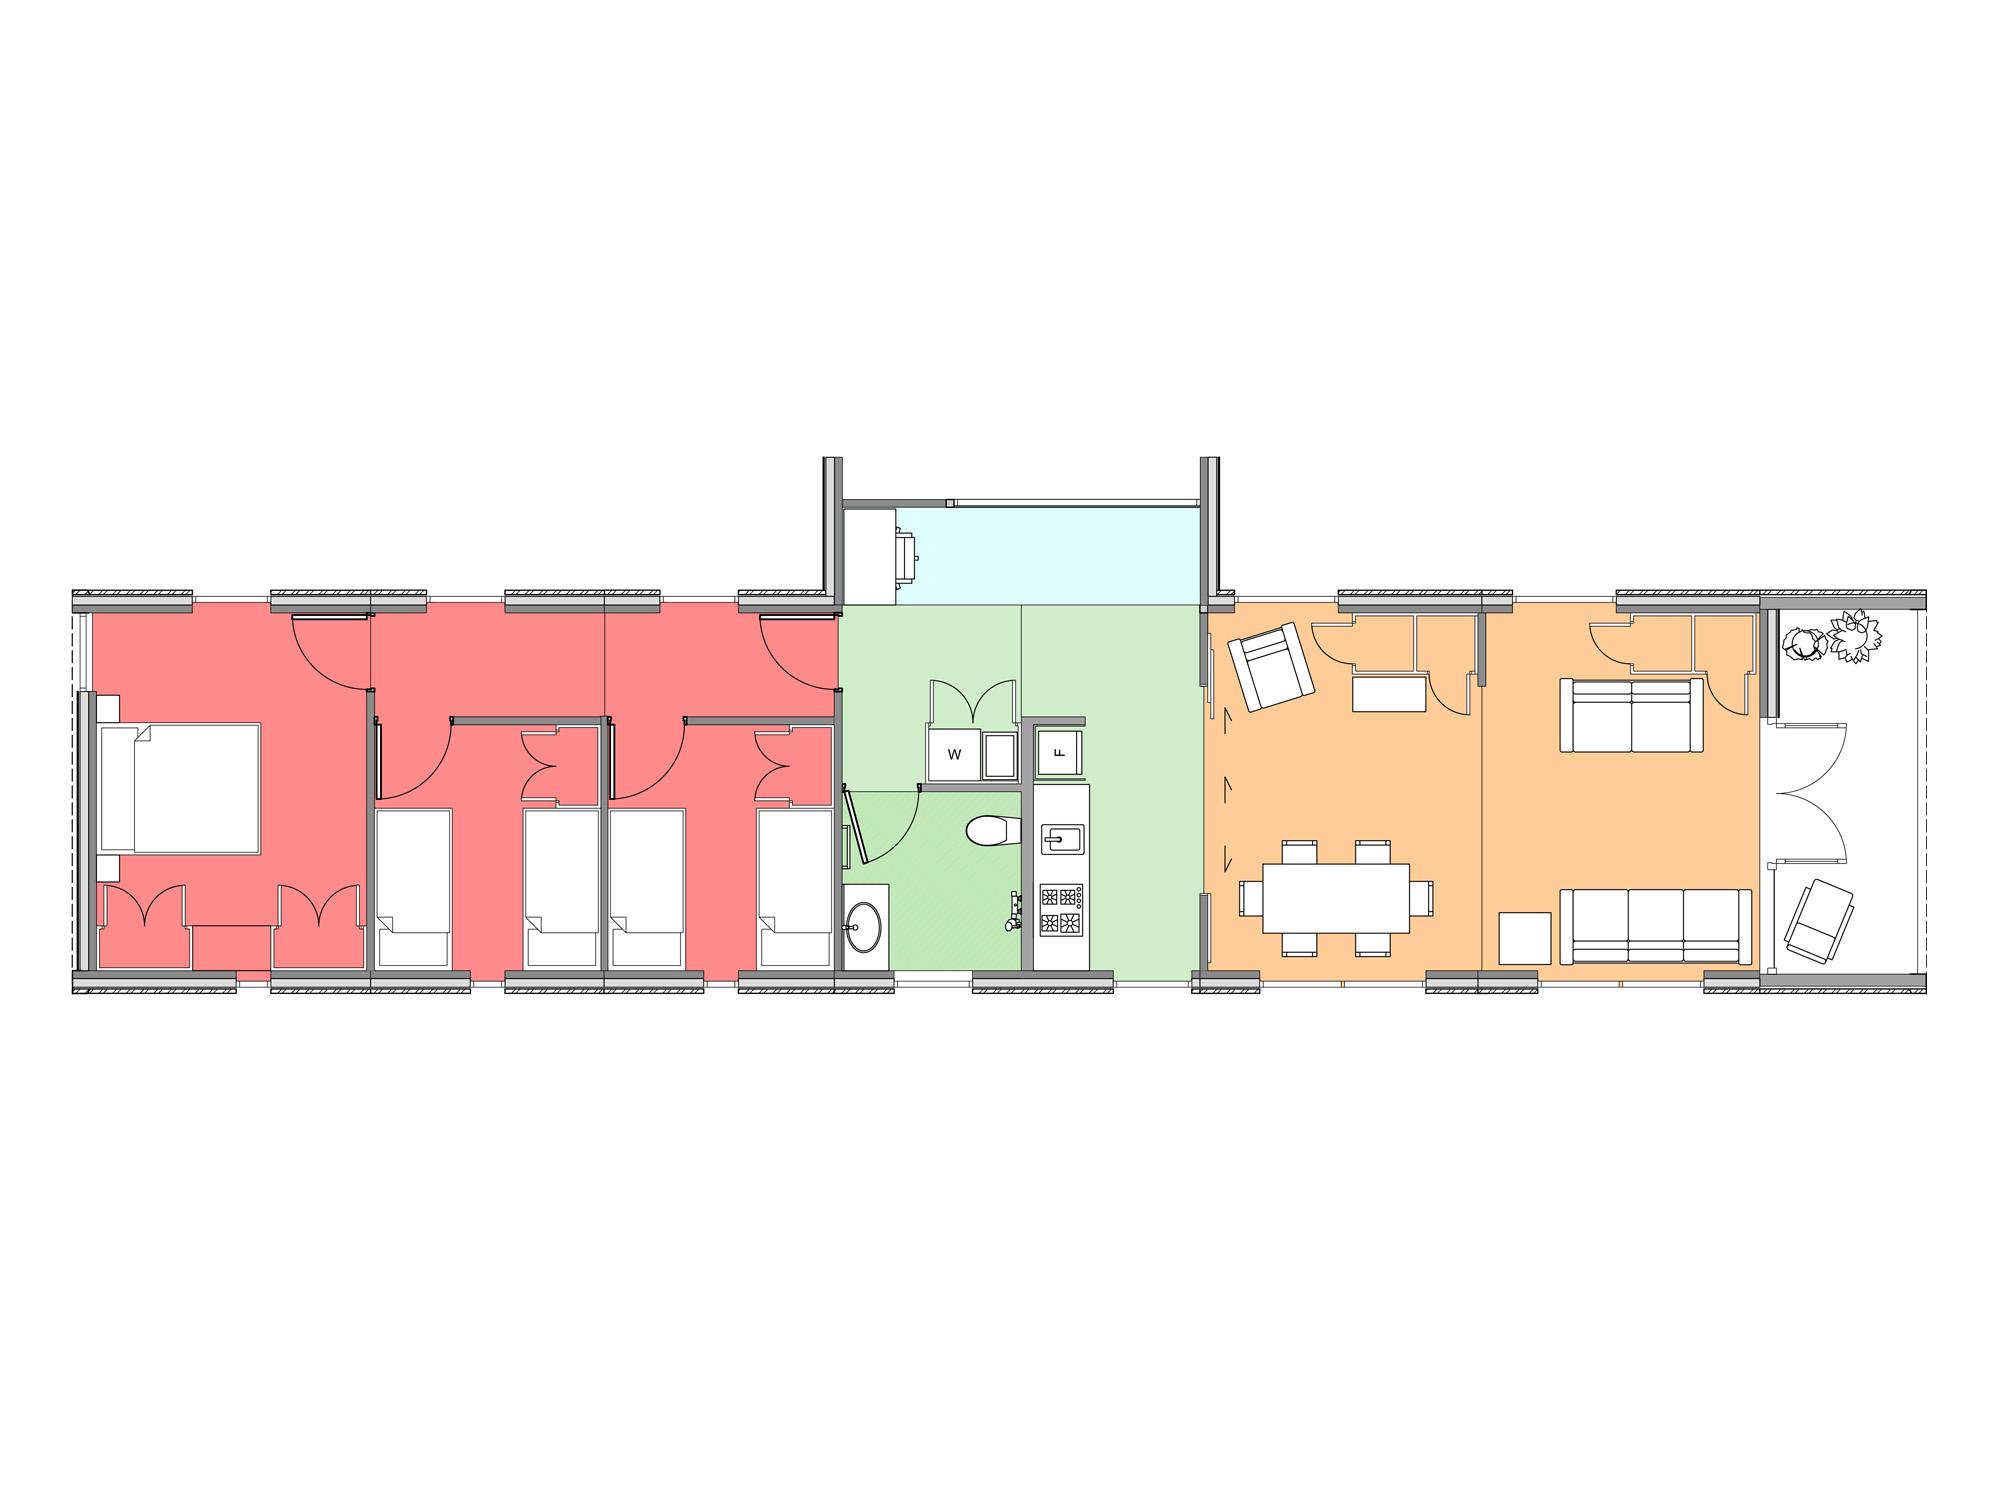 Plan of Te Whare-iti TWI 33